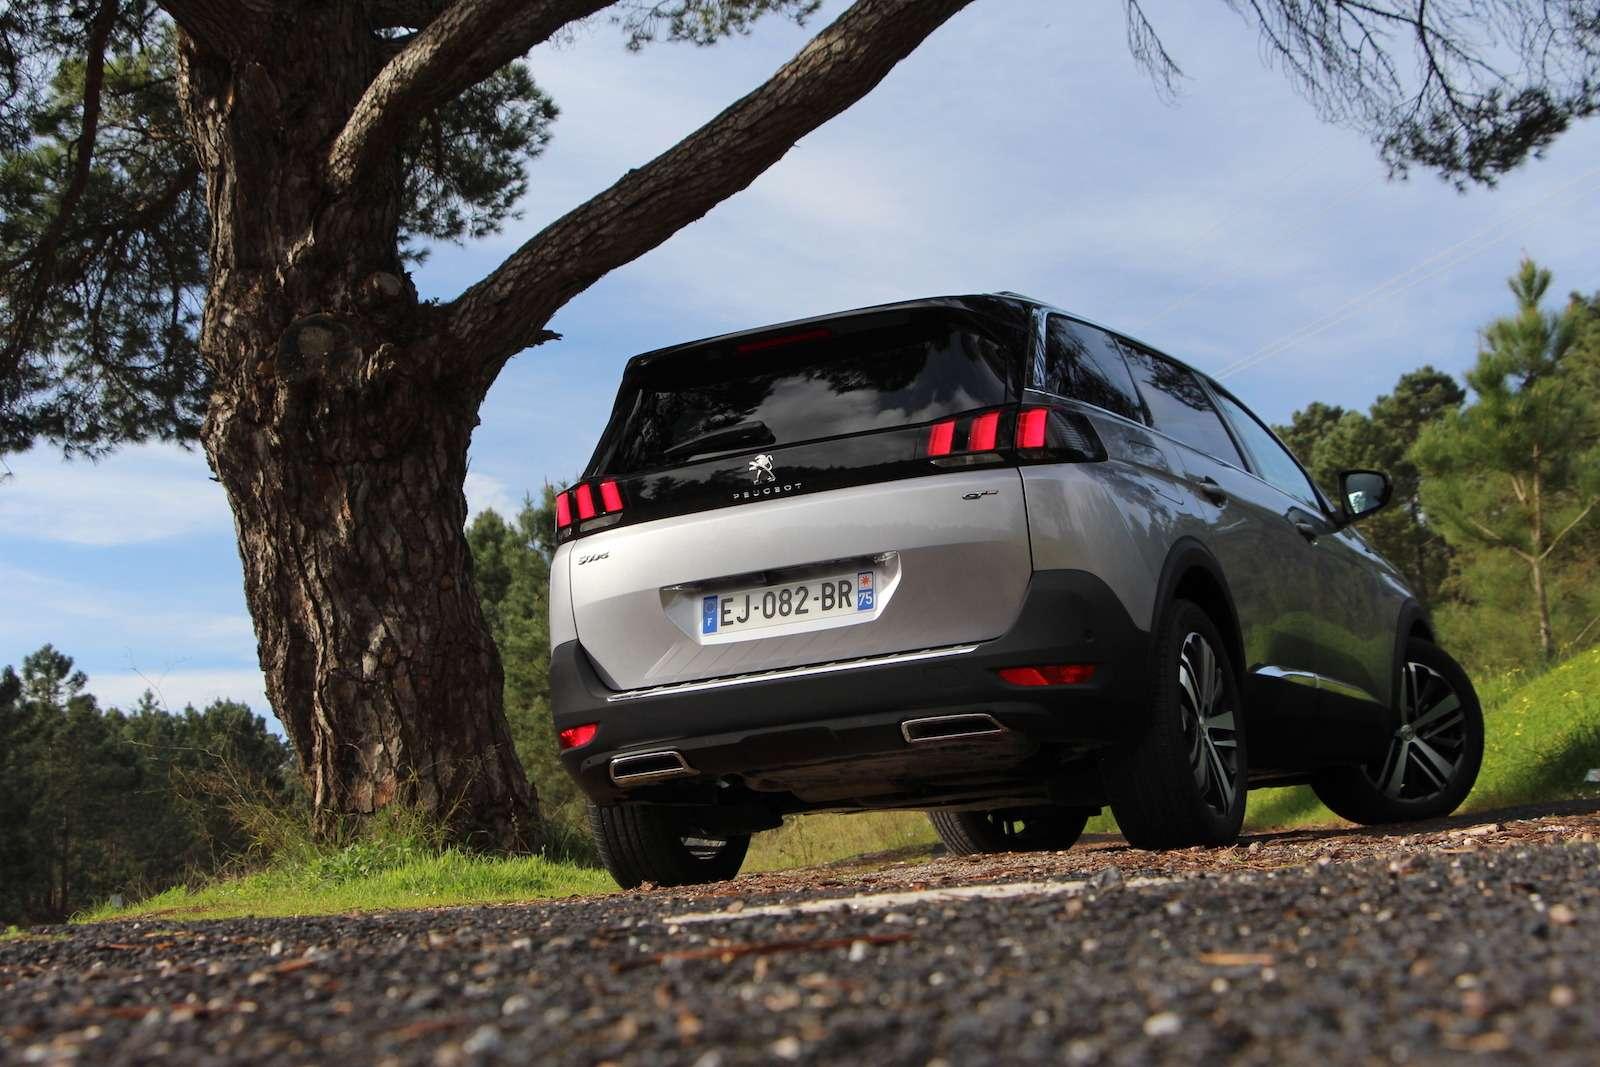 Оператив ЗР: зачем «опаркетили» Peugeot 5008?— фото 714310